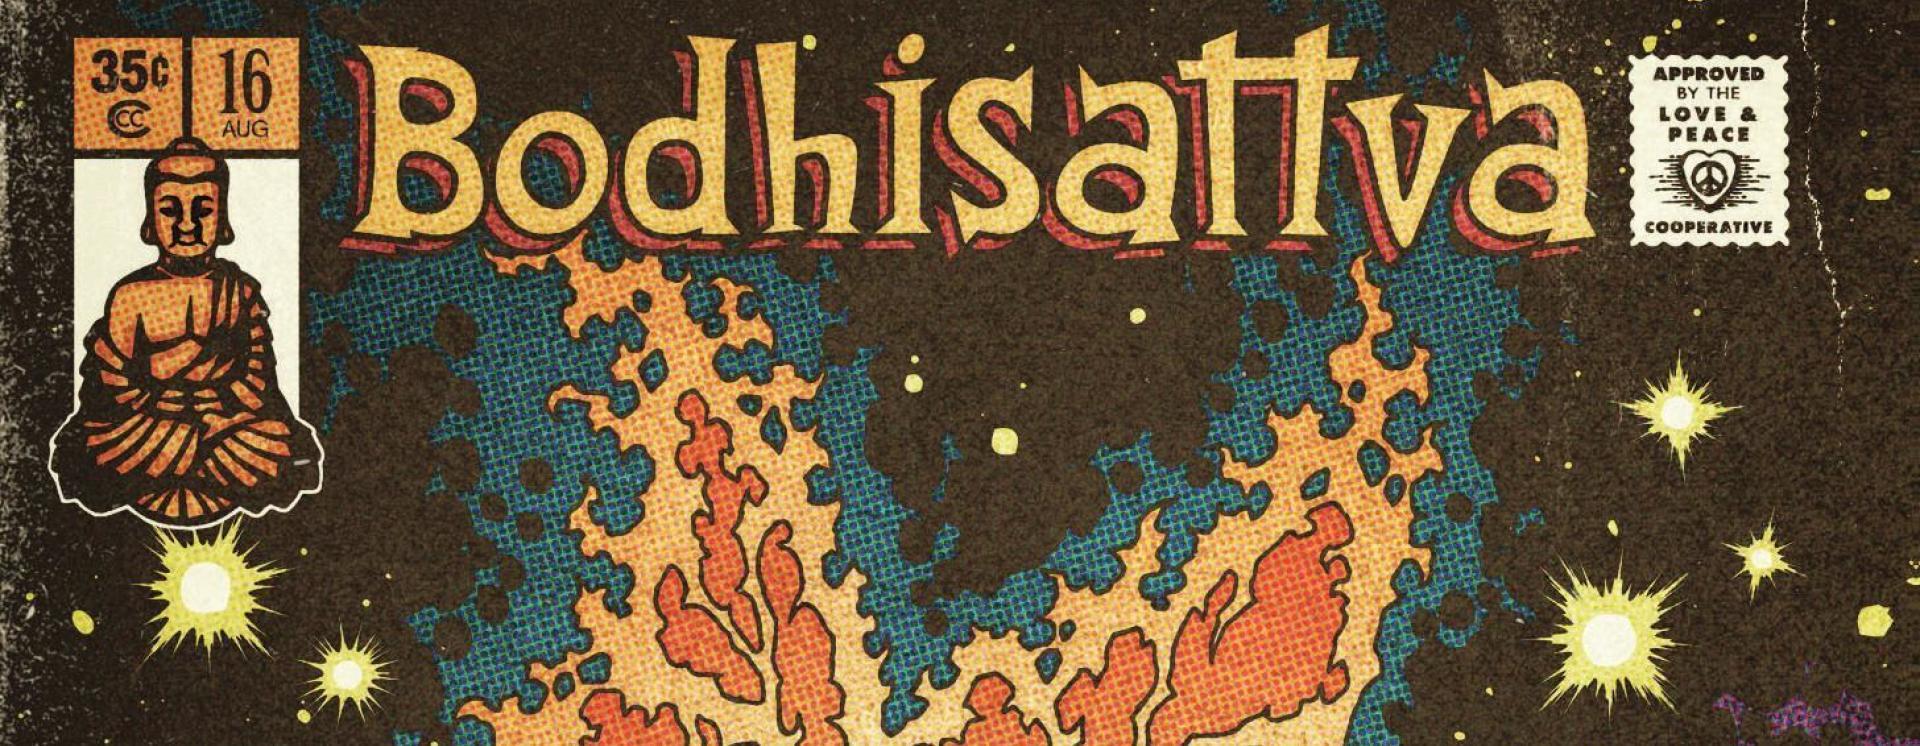 Image result for bodhisattva